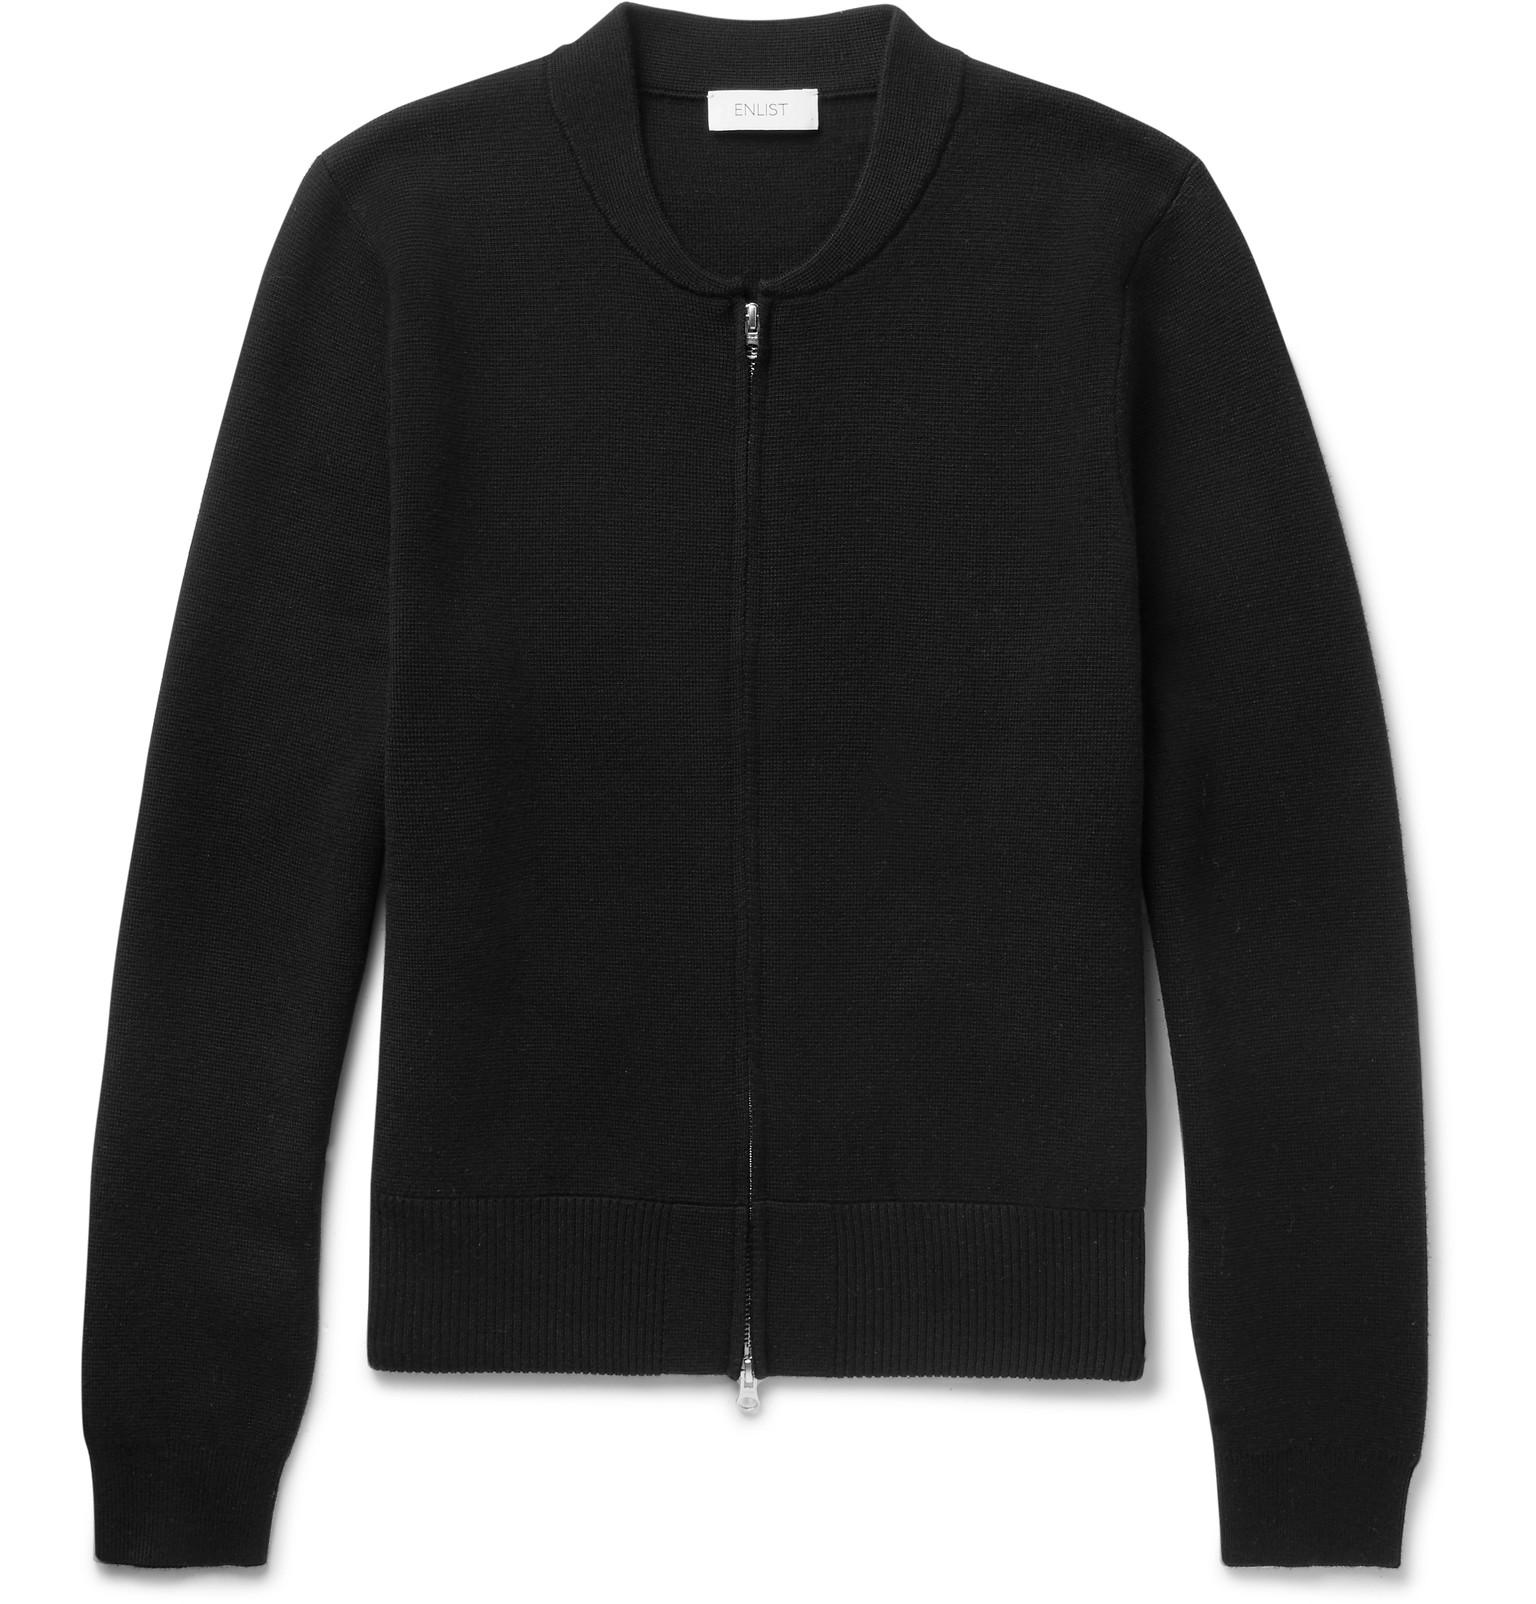 Enlist - Milano Slim-Fit Merino Wool Zip-Up Cardigan